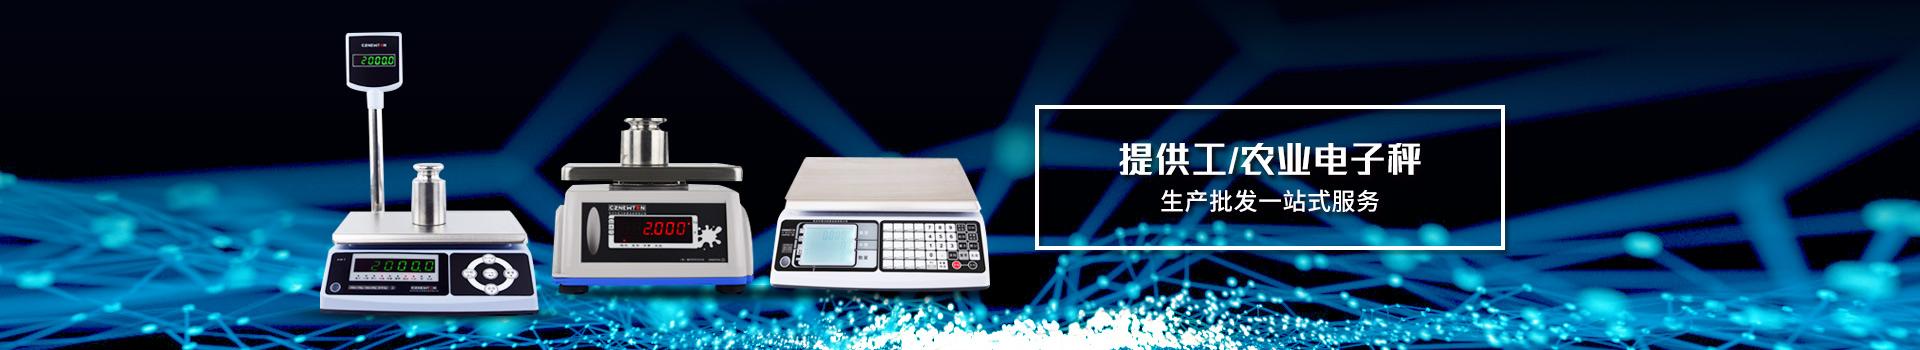 亿东电子桌秤-提供工/农业电子秤生产批发一站式服务